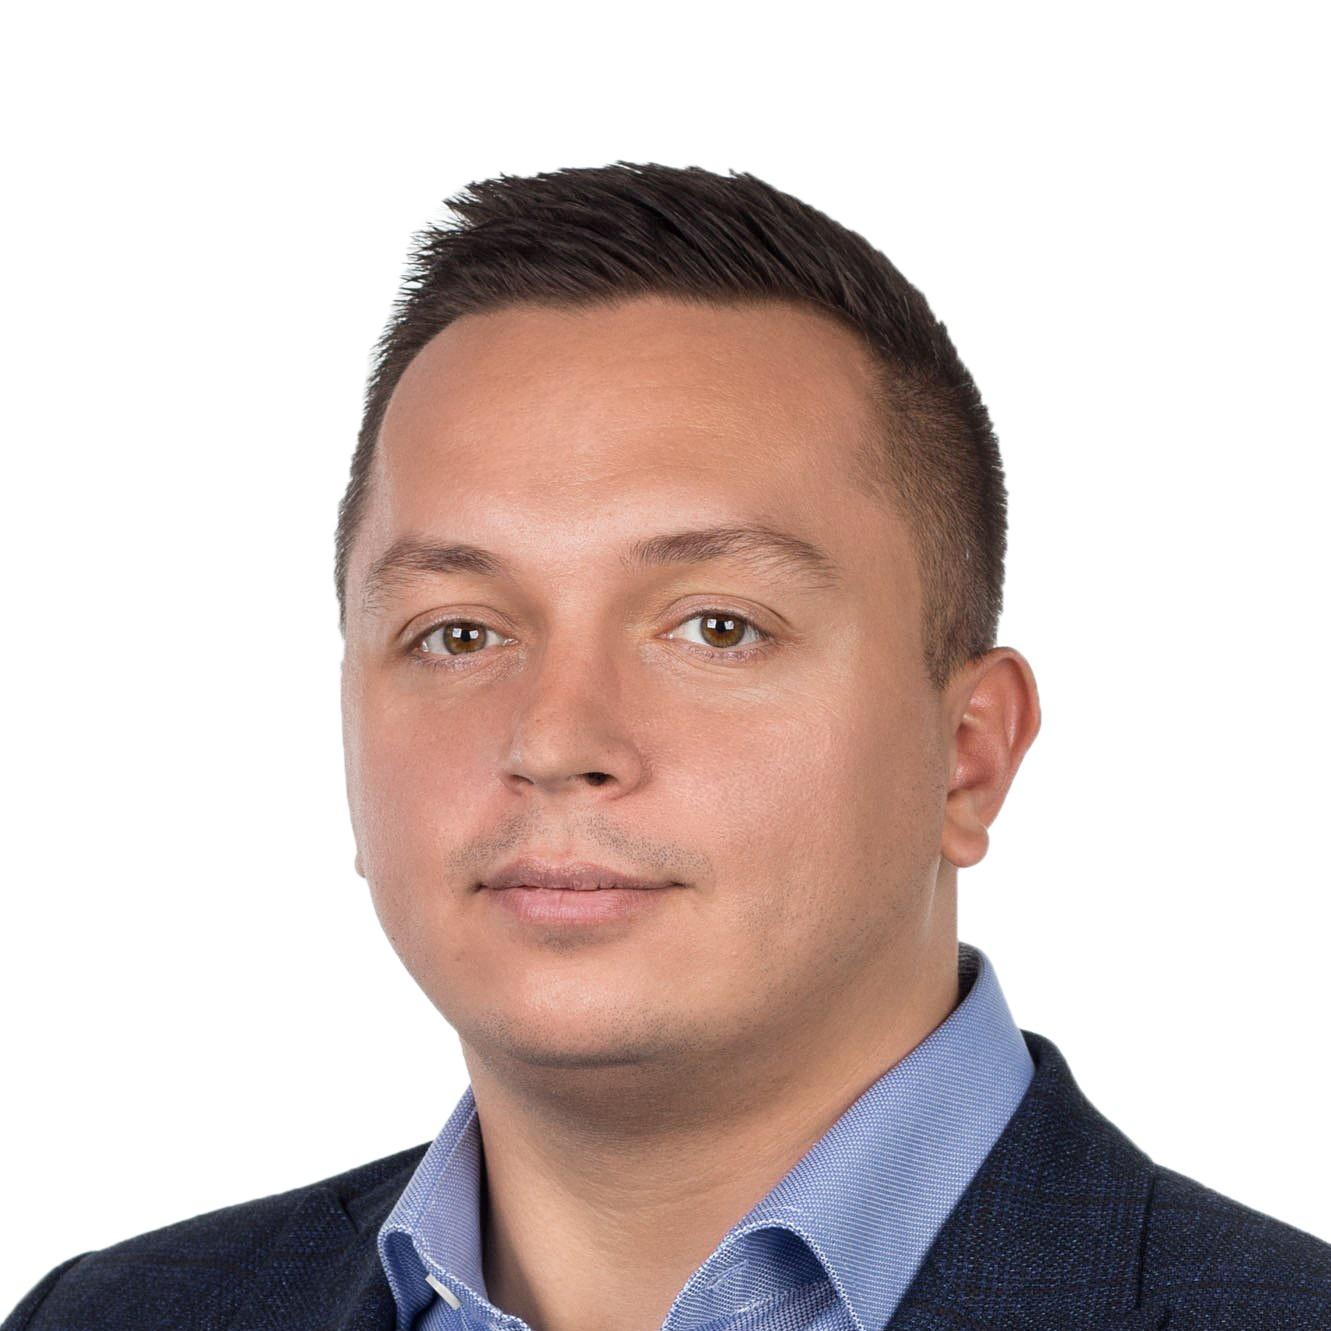 Marcin1